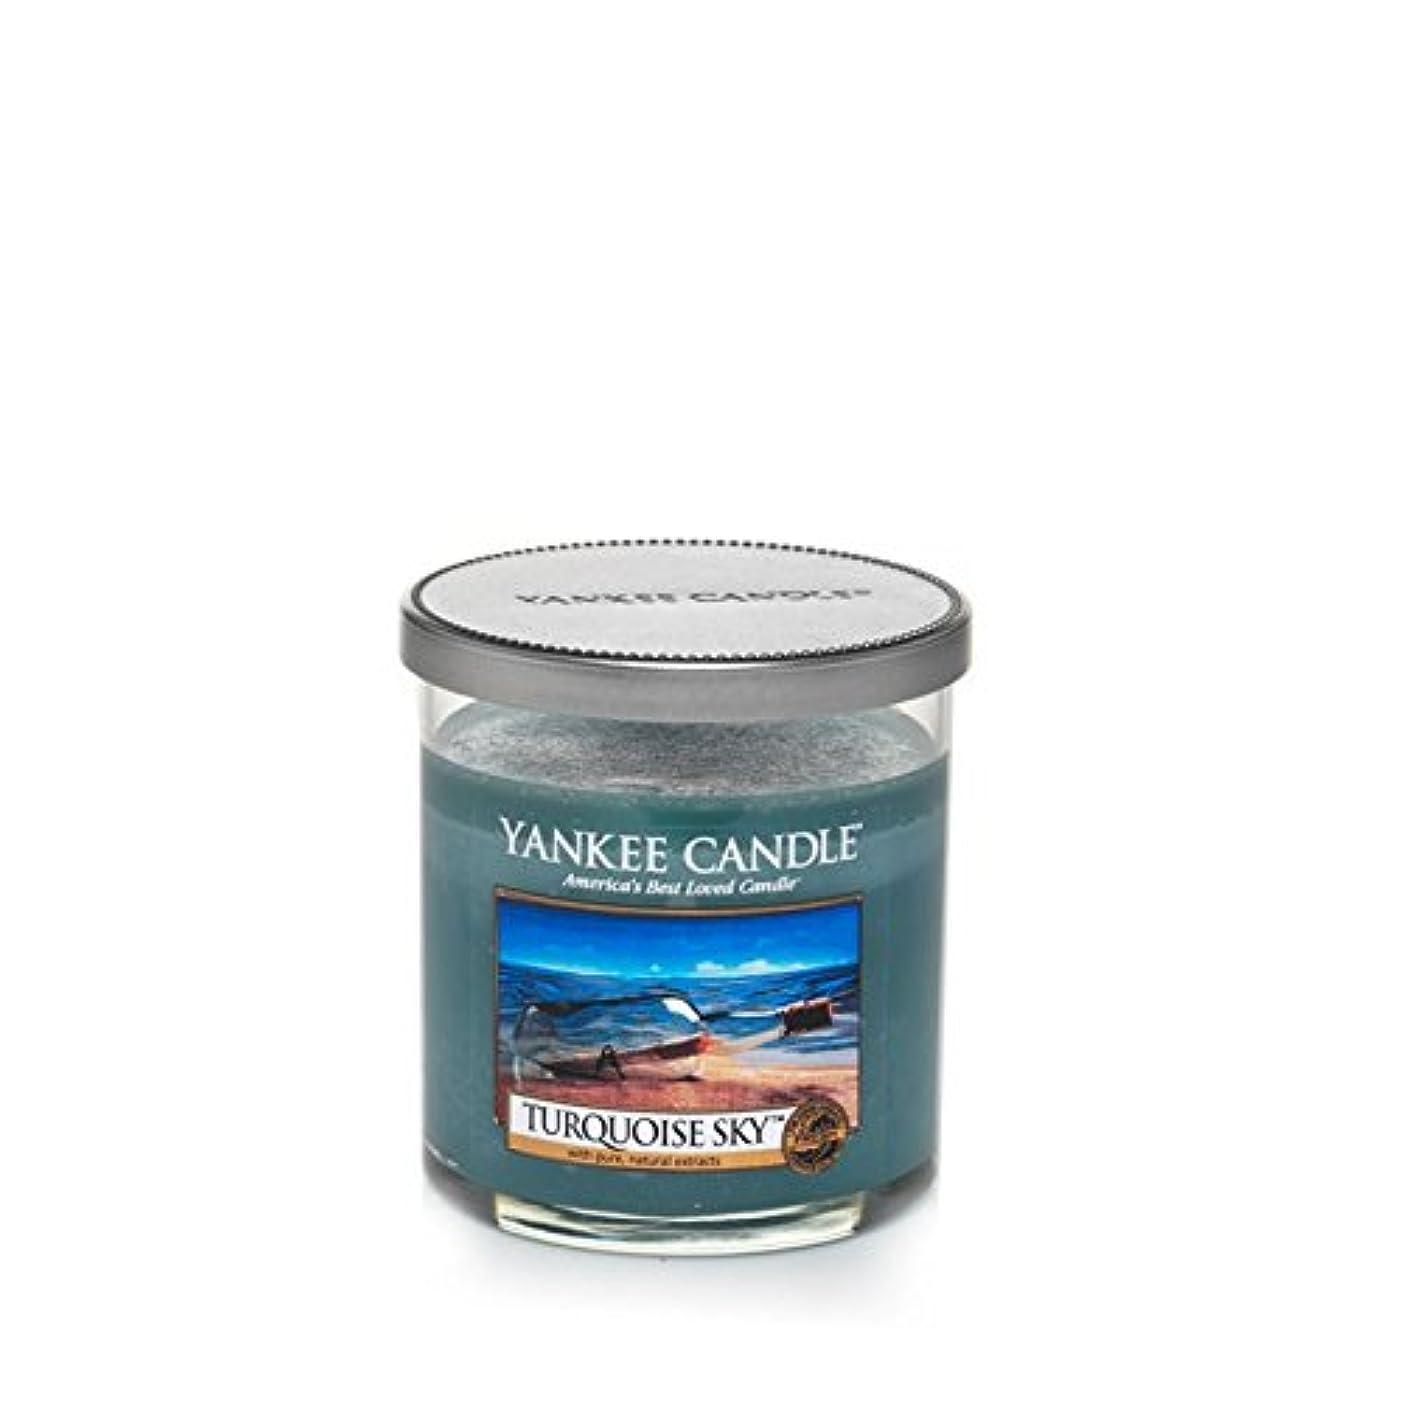 故障それに応じて組立ヤンキーキャンドルの小さな柱キャンドル - ターコイズの空 - Yankee Candles Small Pillar Candle - Turquoise Sky (Yankee Candles) [並行輸入品]